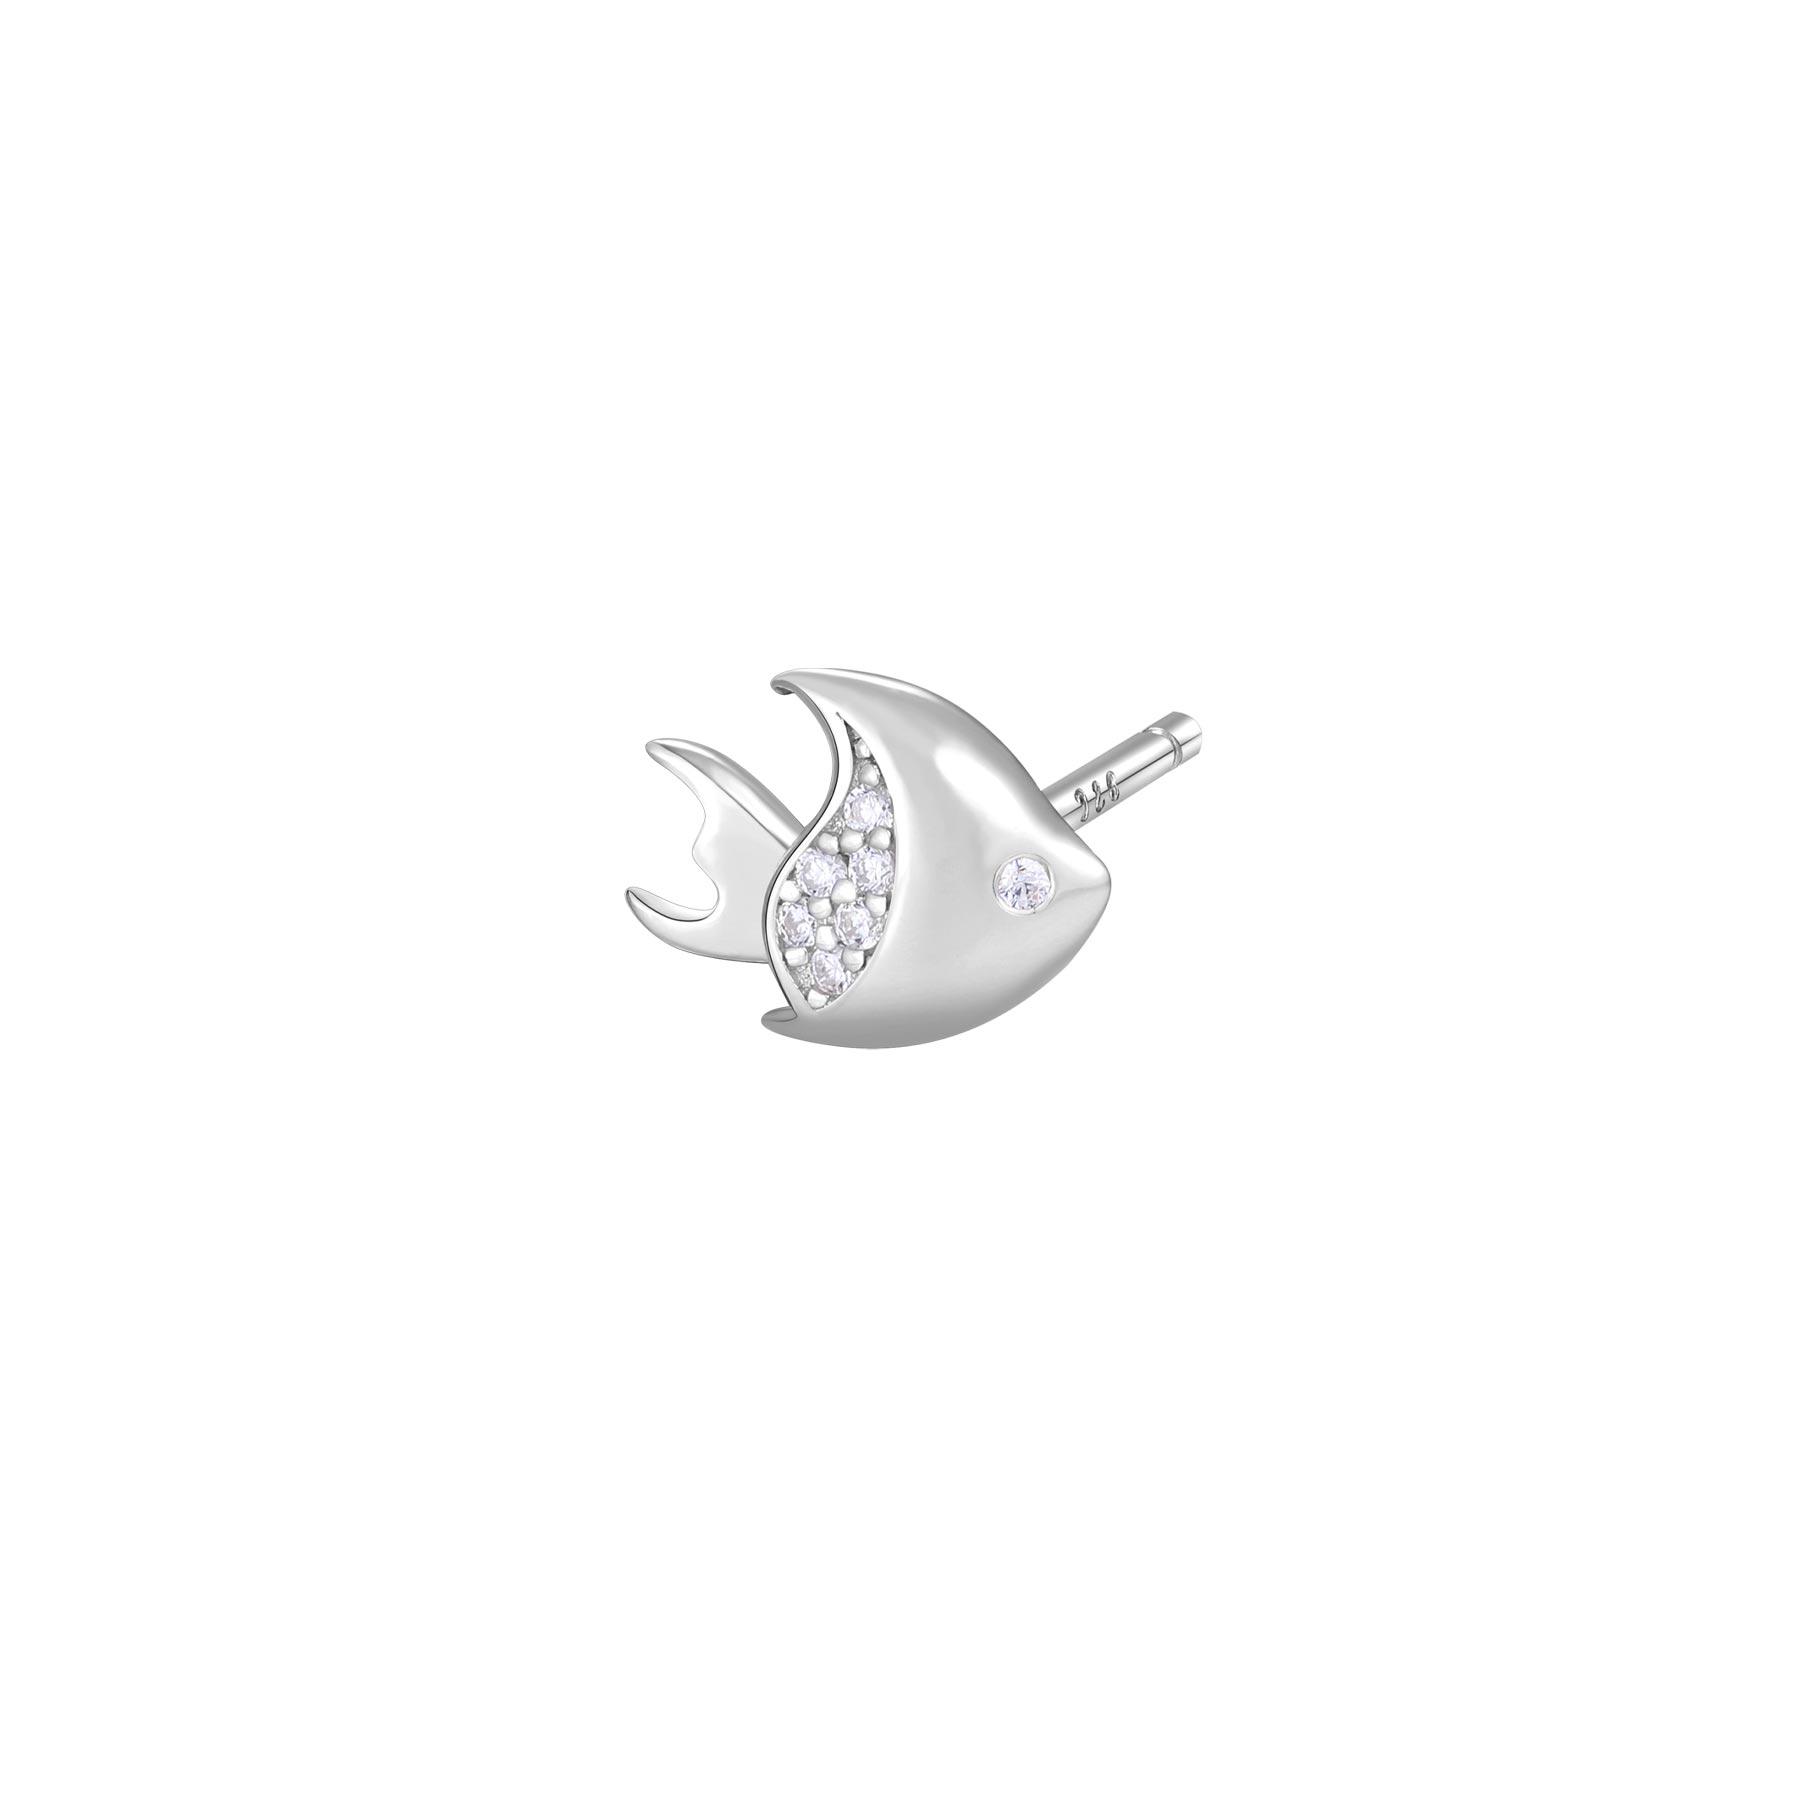 Orecchino mono a lobo Rosato in argento 925 Pesciolino con zirconi RZO054R